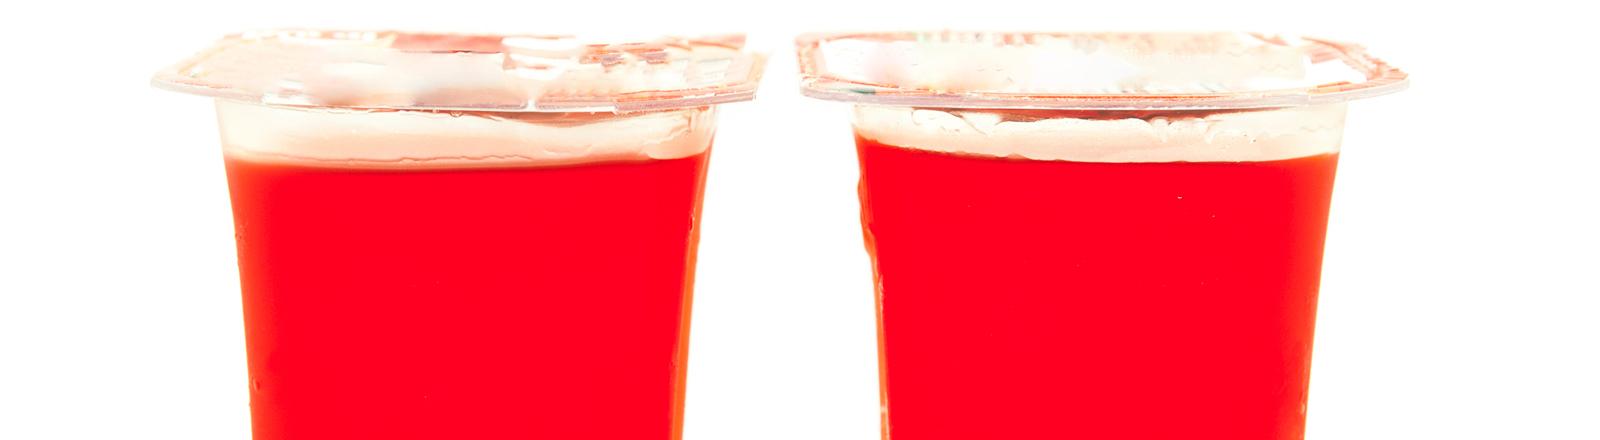 Farbstoffe in einem Dessert in rot